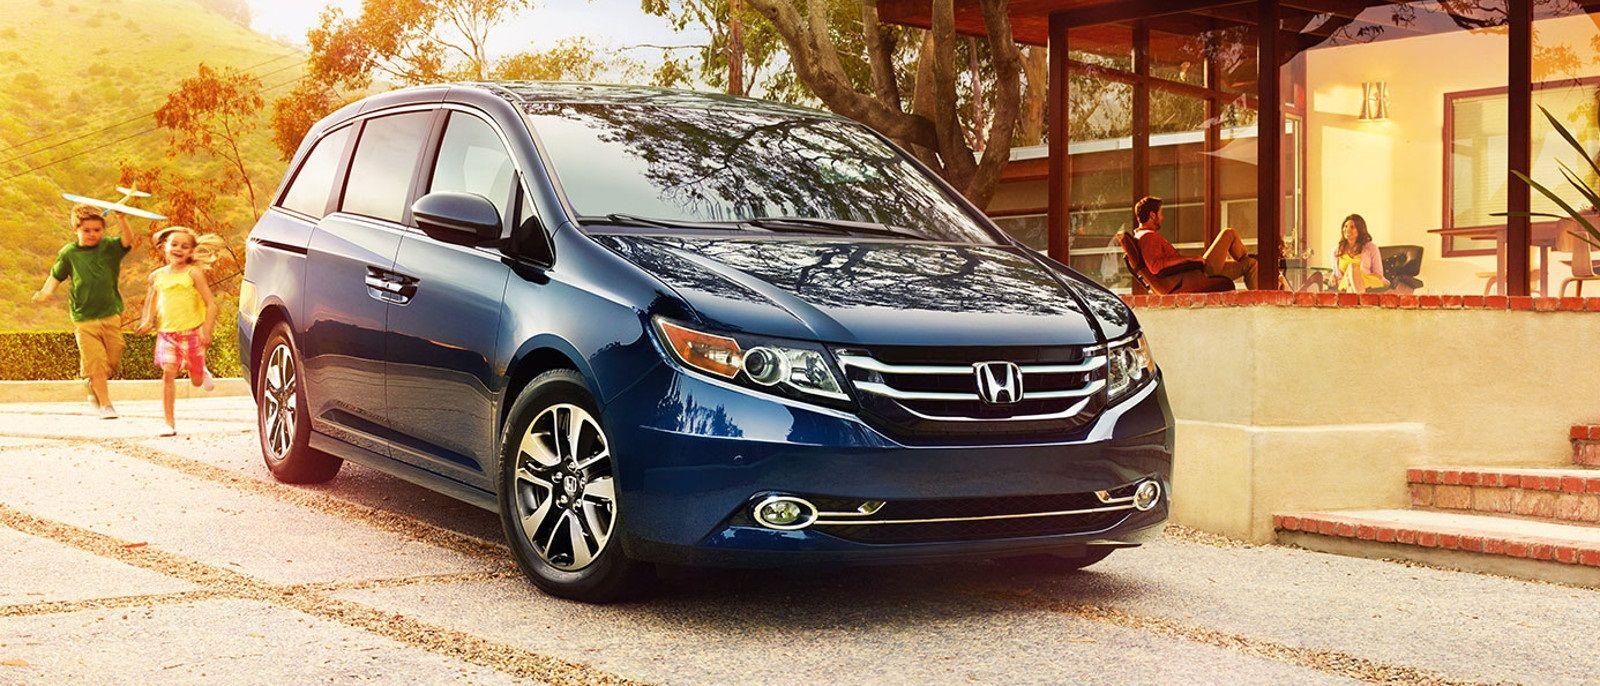 2018 Honda Odyssey Model Info Honda Odyssey Honda Odyssey Touring Honda Pilot